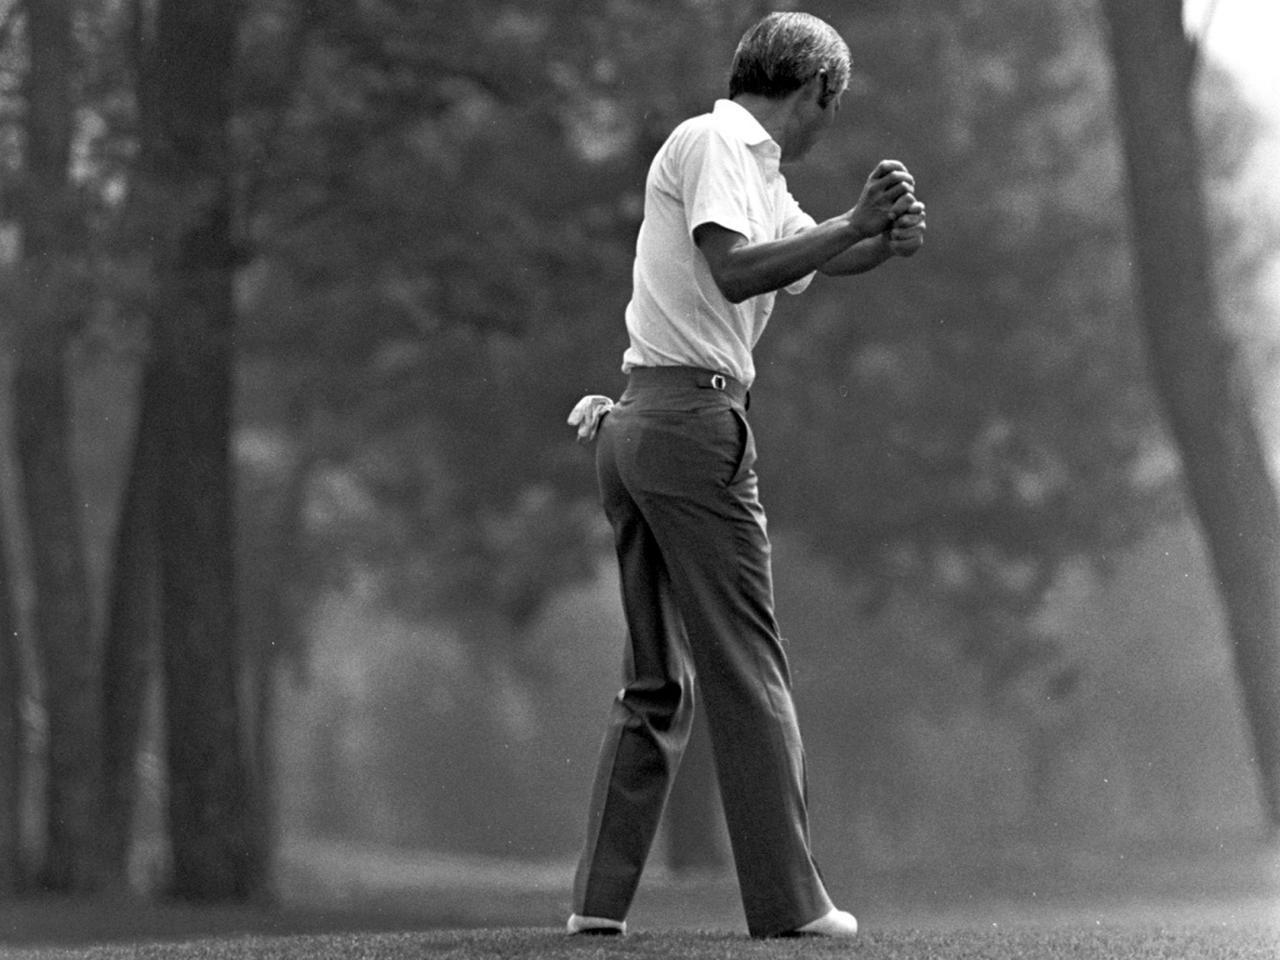 画像: 中部は、日常生活からゴルフまで一貫した基準を持っていた。「自分の基準を持つことの大切さを知った」と湯原